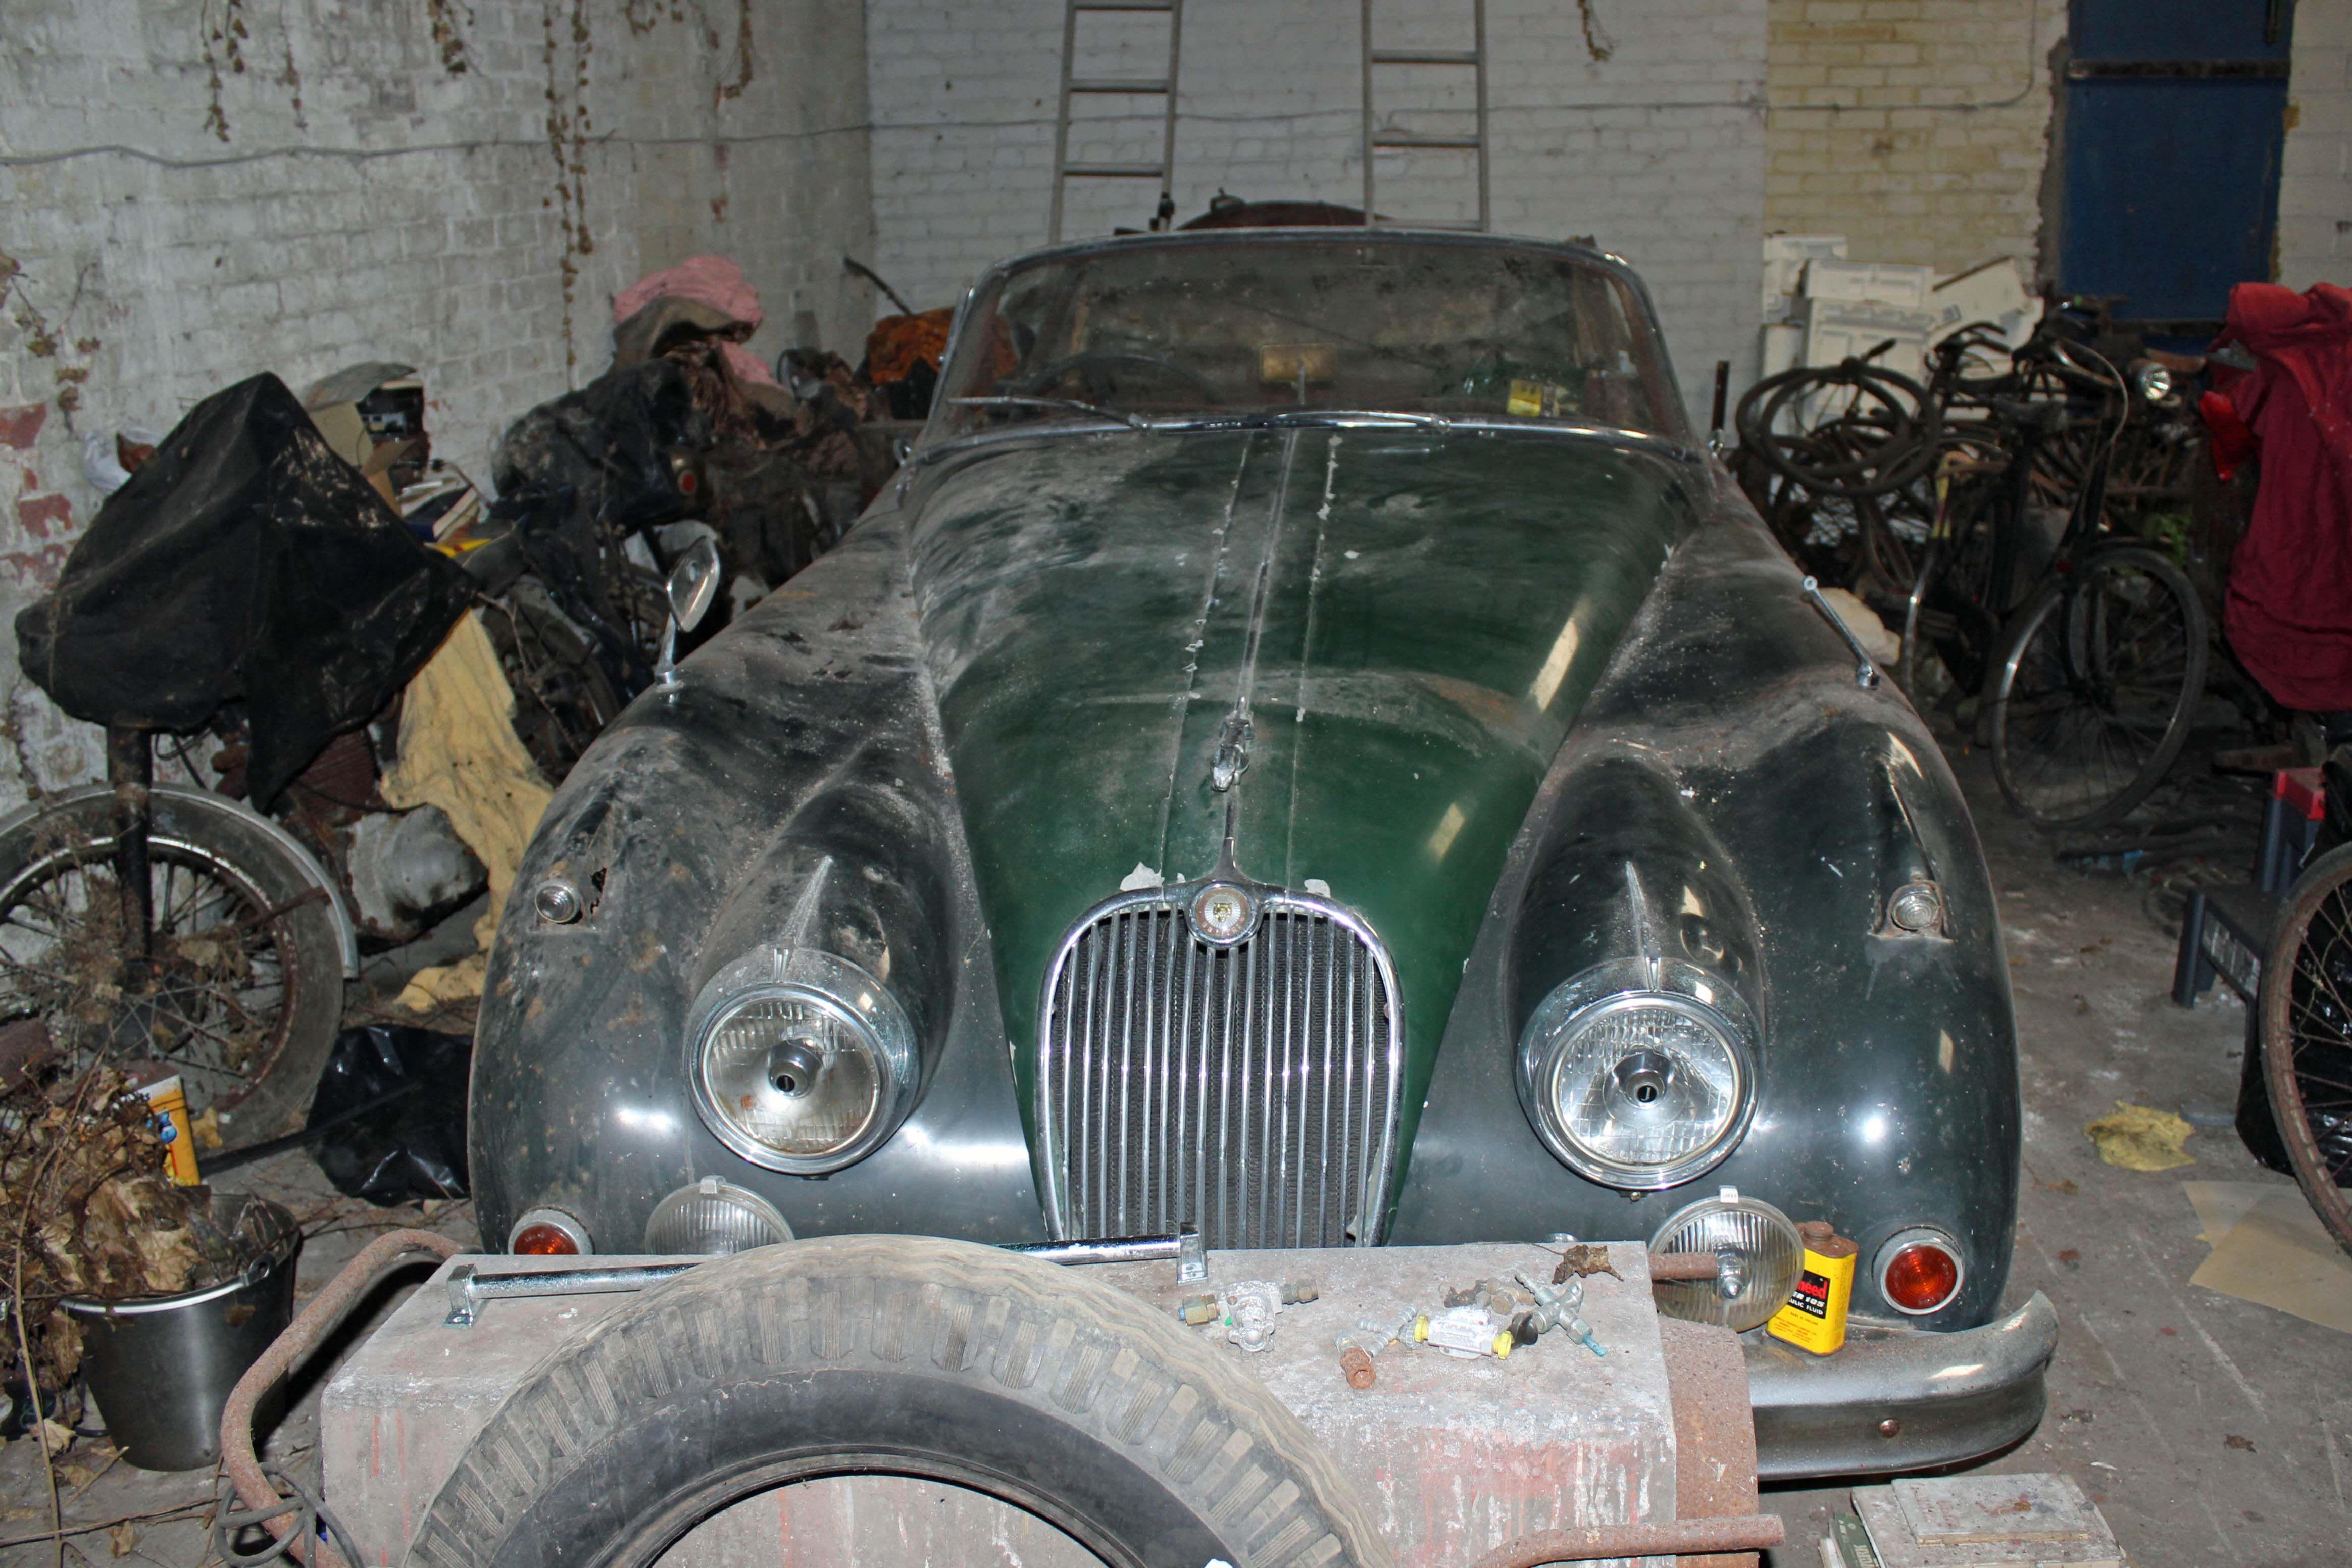 Jaguar XK150 3.8 S barn find   BARNFINDS   Pinterest   Barn finds ...